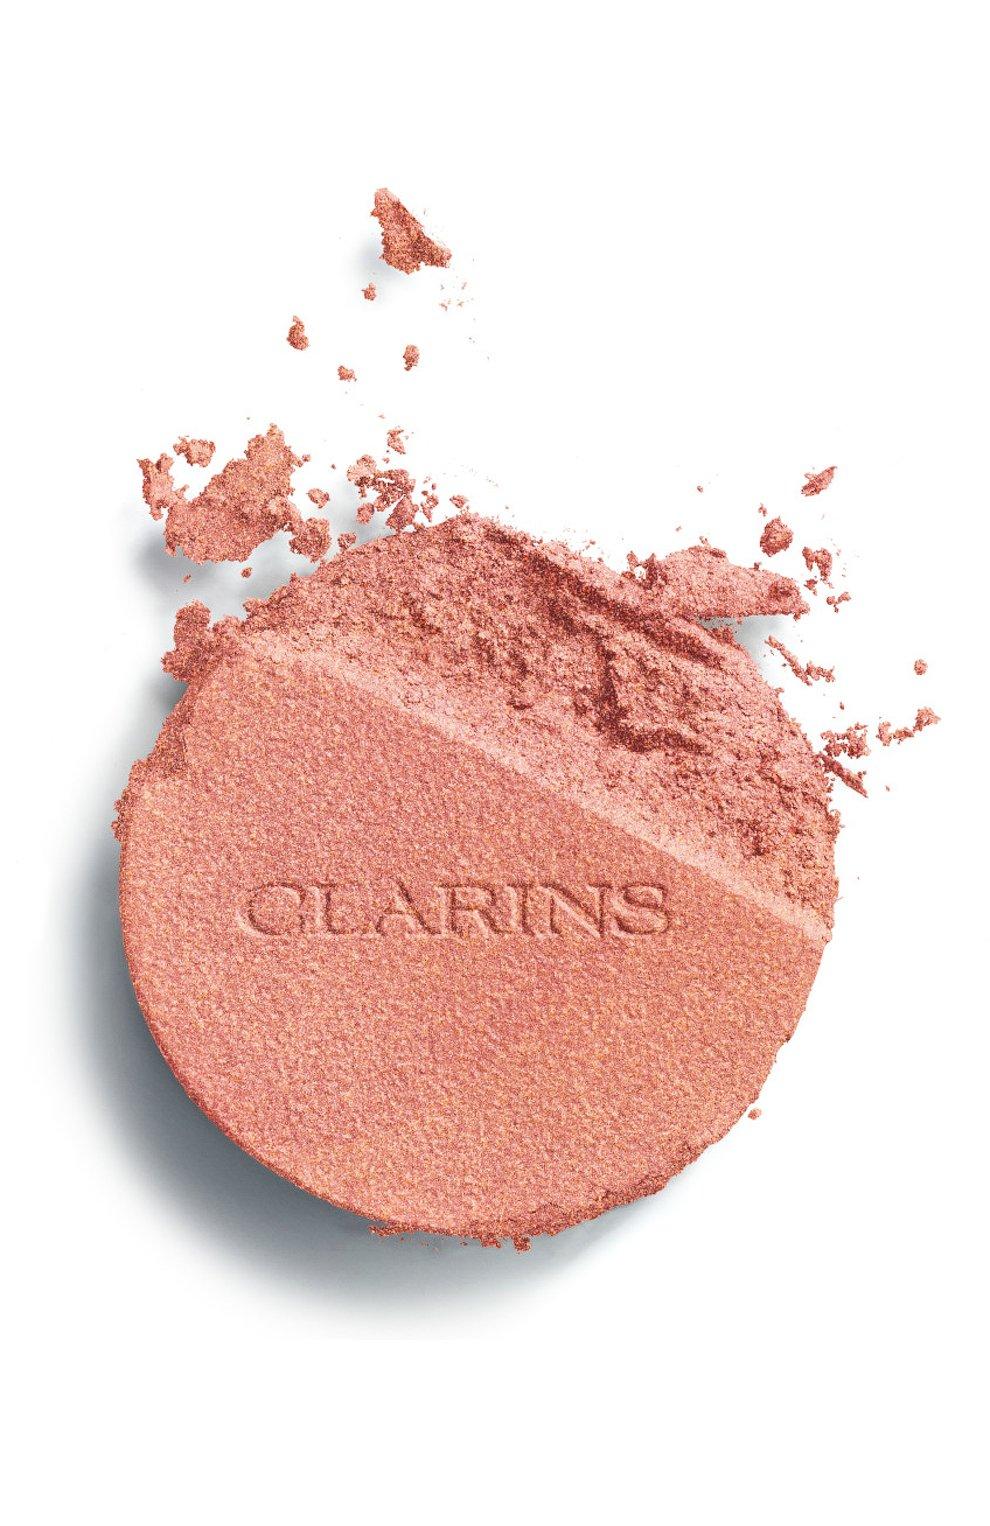 Женские компактные румяна joli blush, оттенок 05 CLARINS бесцветного цвета, арт. 80051349   Фото 2